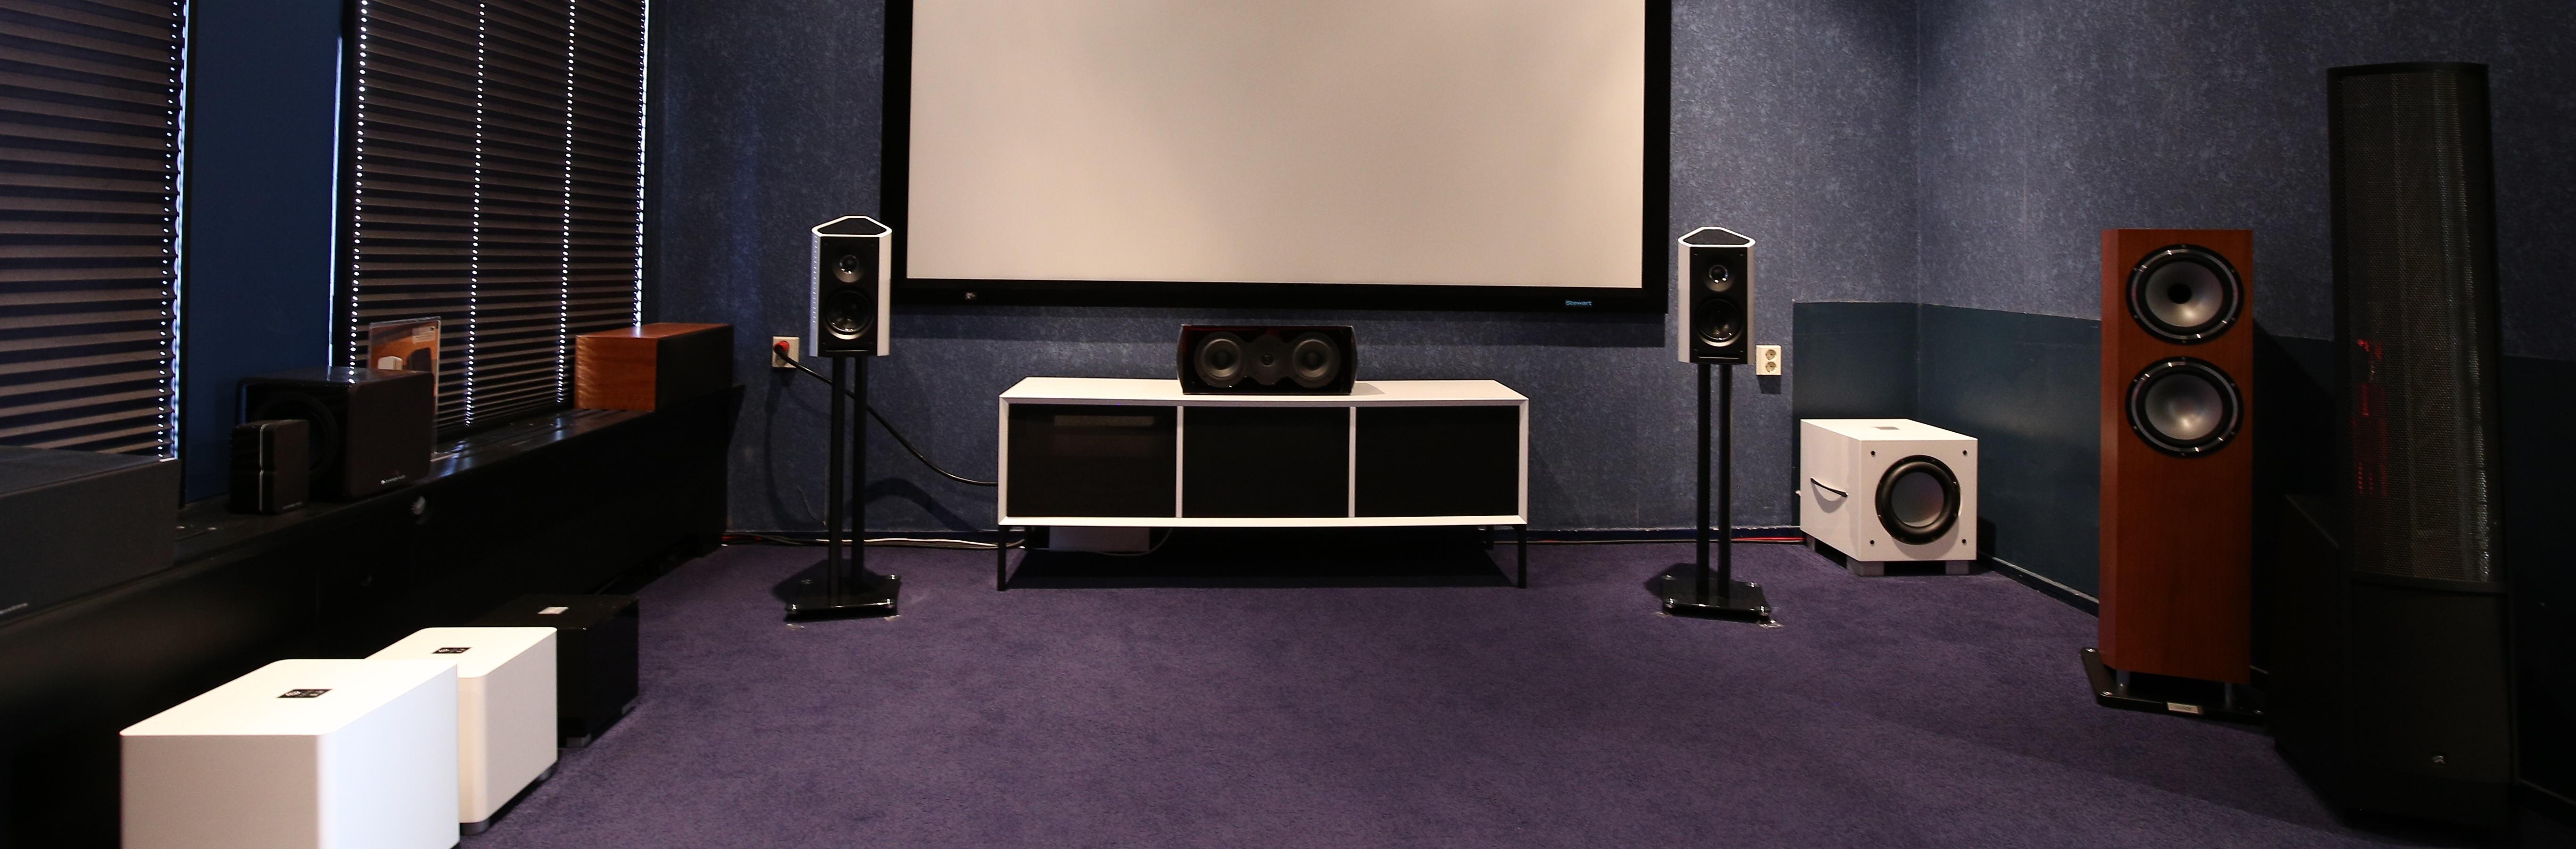 Luisterruimte stereo installaties